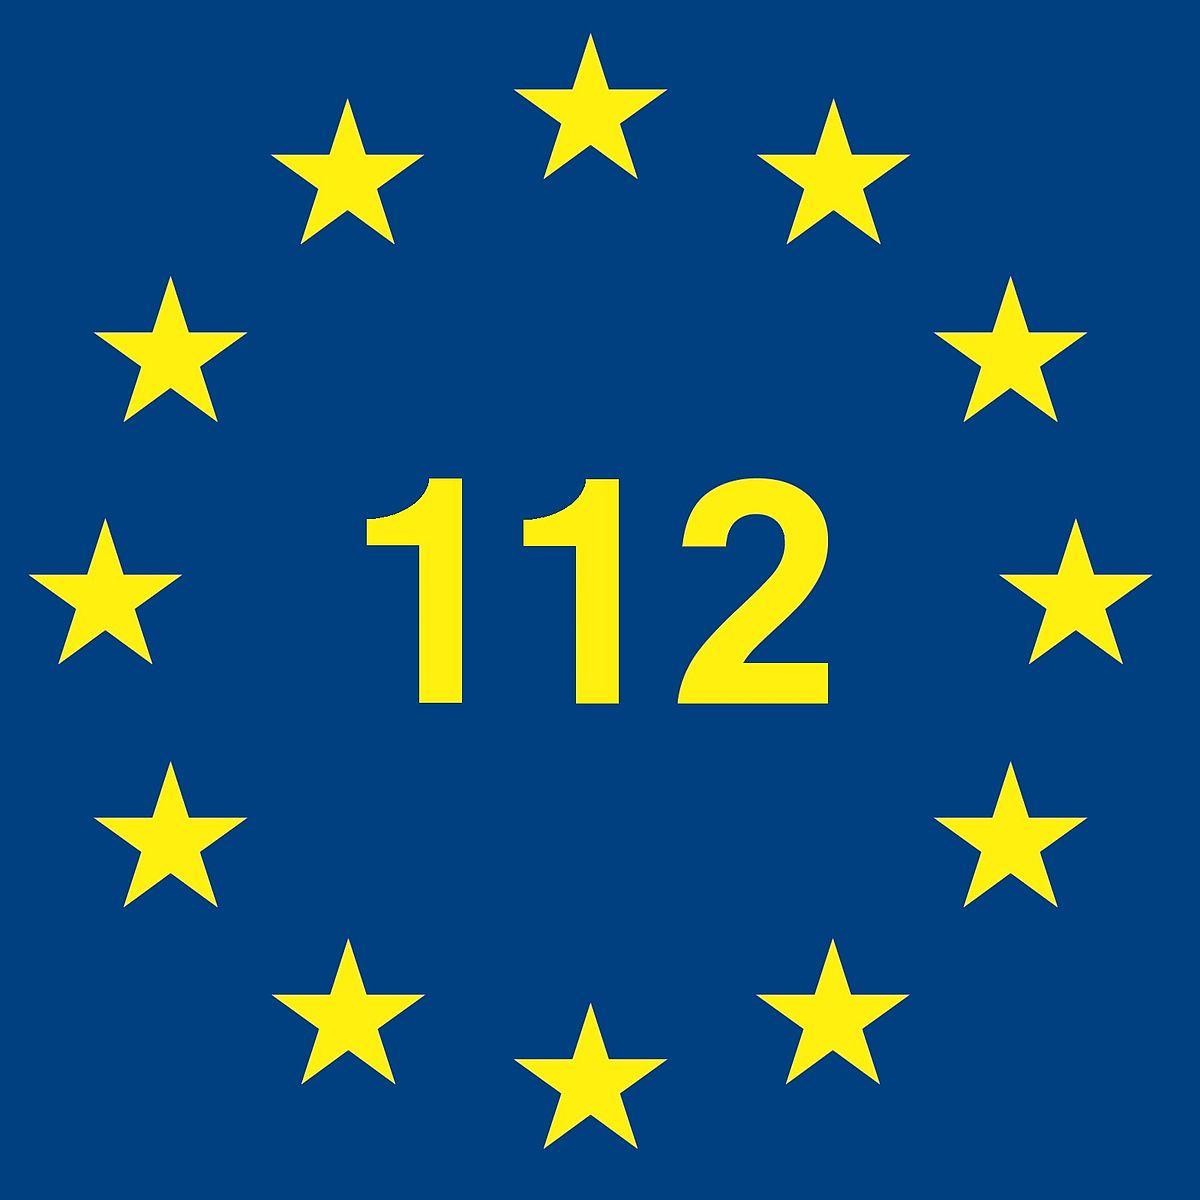 VOSTspain's photo on #DiaEuropeo112